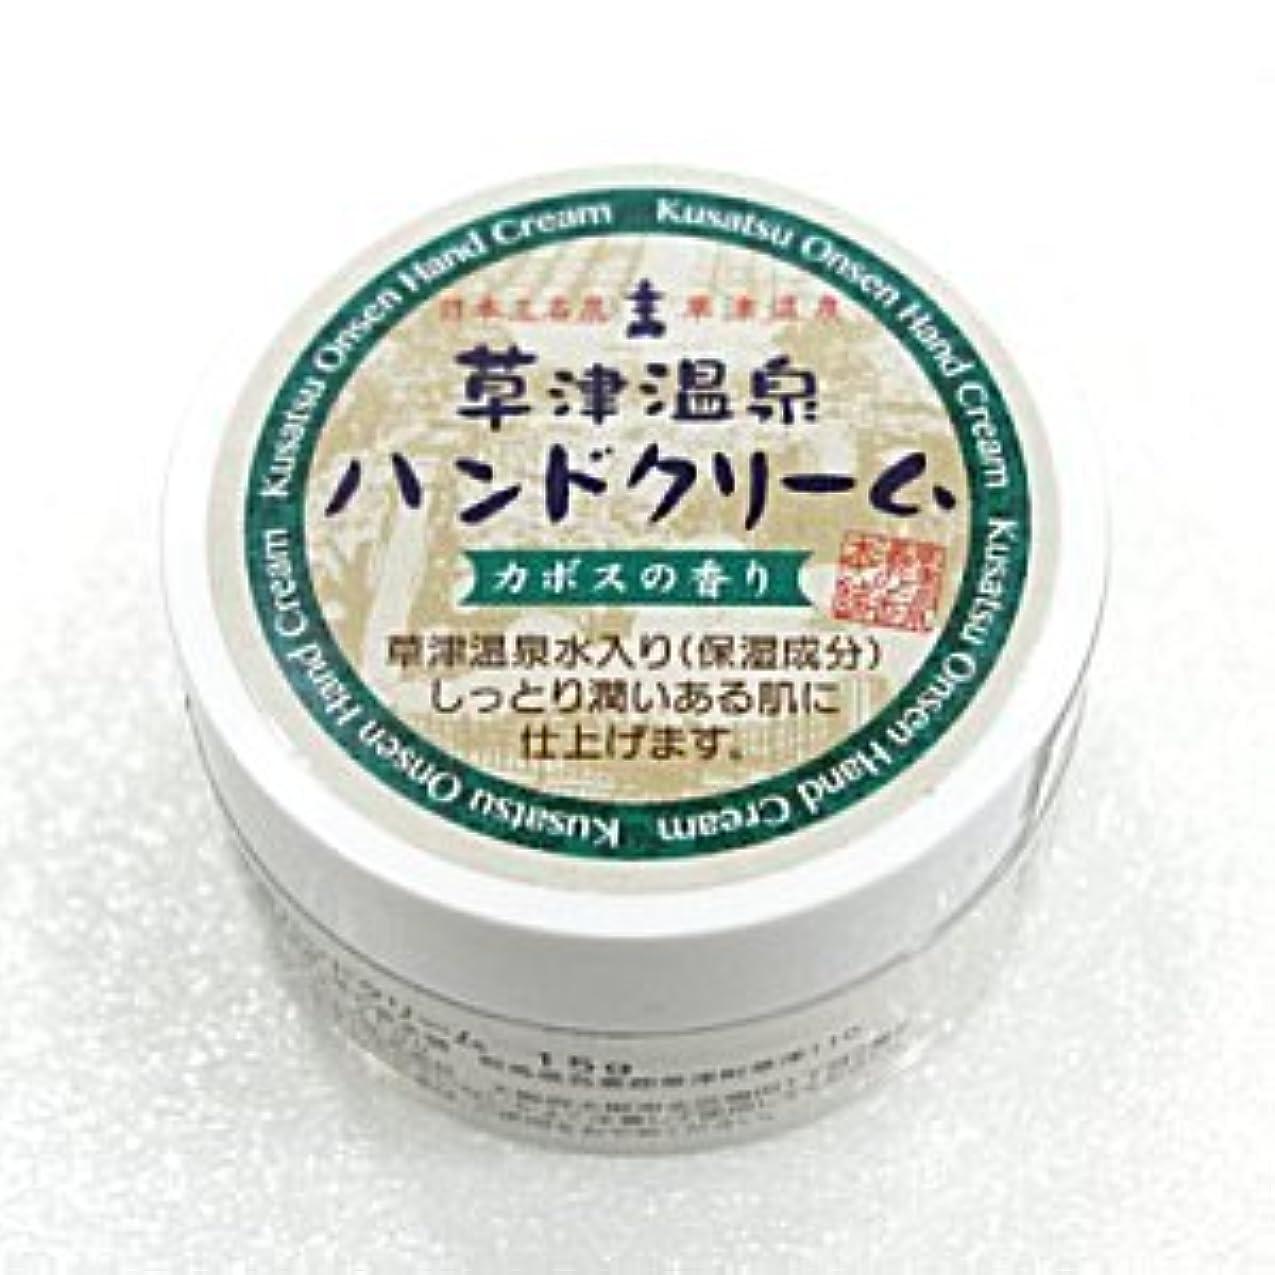 余計な北処方草津温泉ハンドクリーム カボスの香り 15g